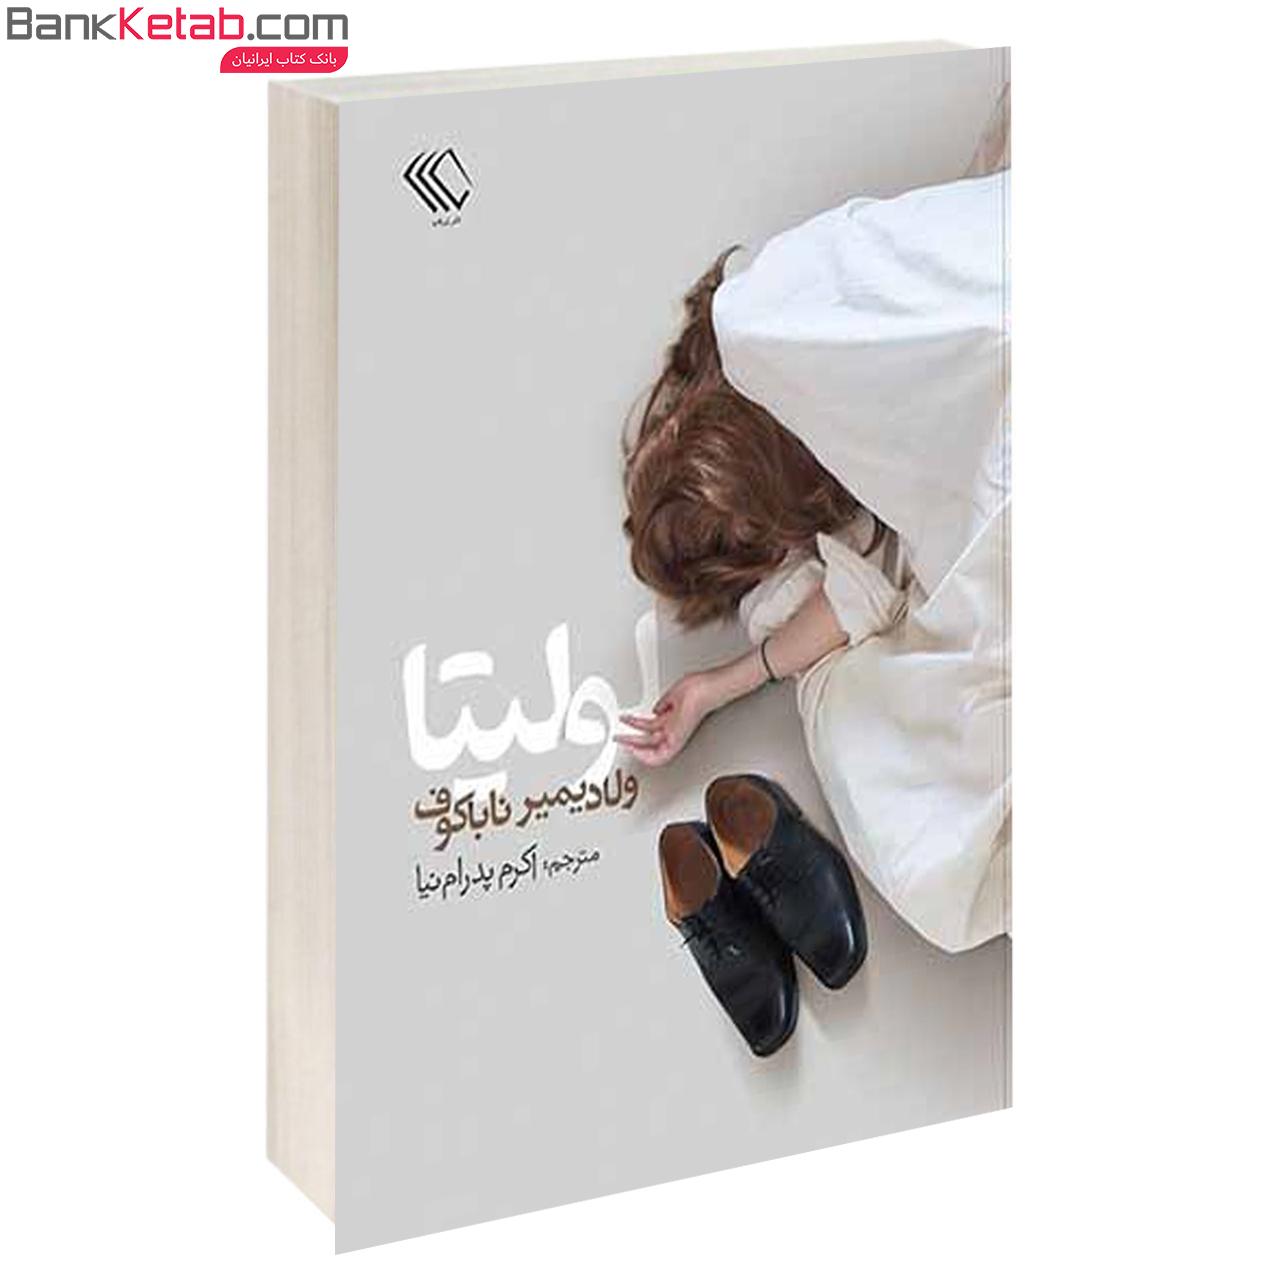 کتاب لولیتا اثر ولادیمیر ناباکوف